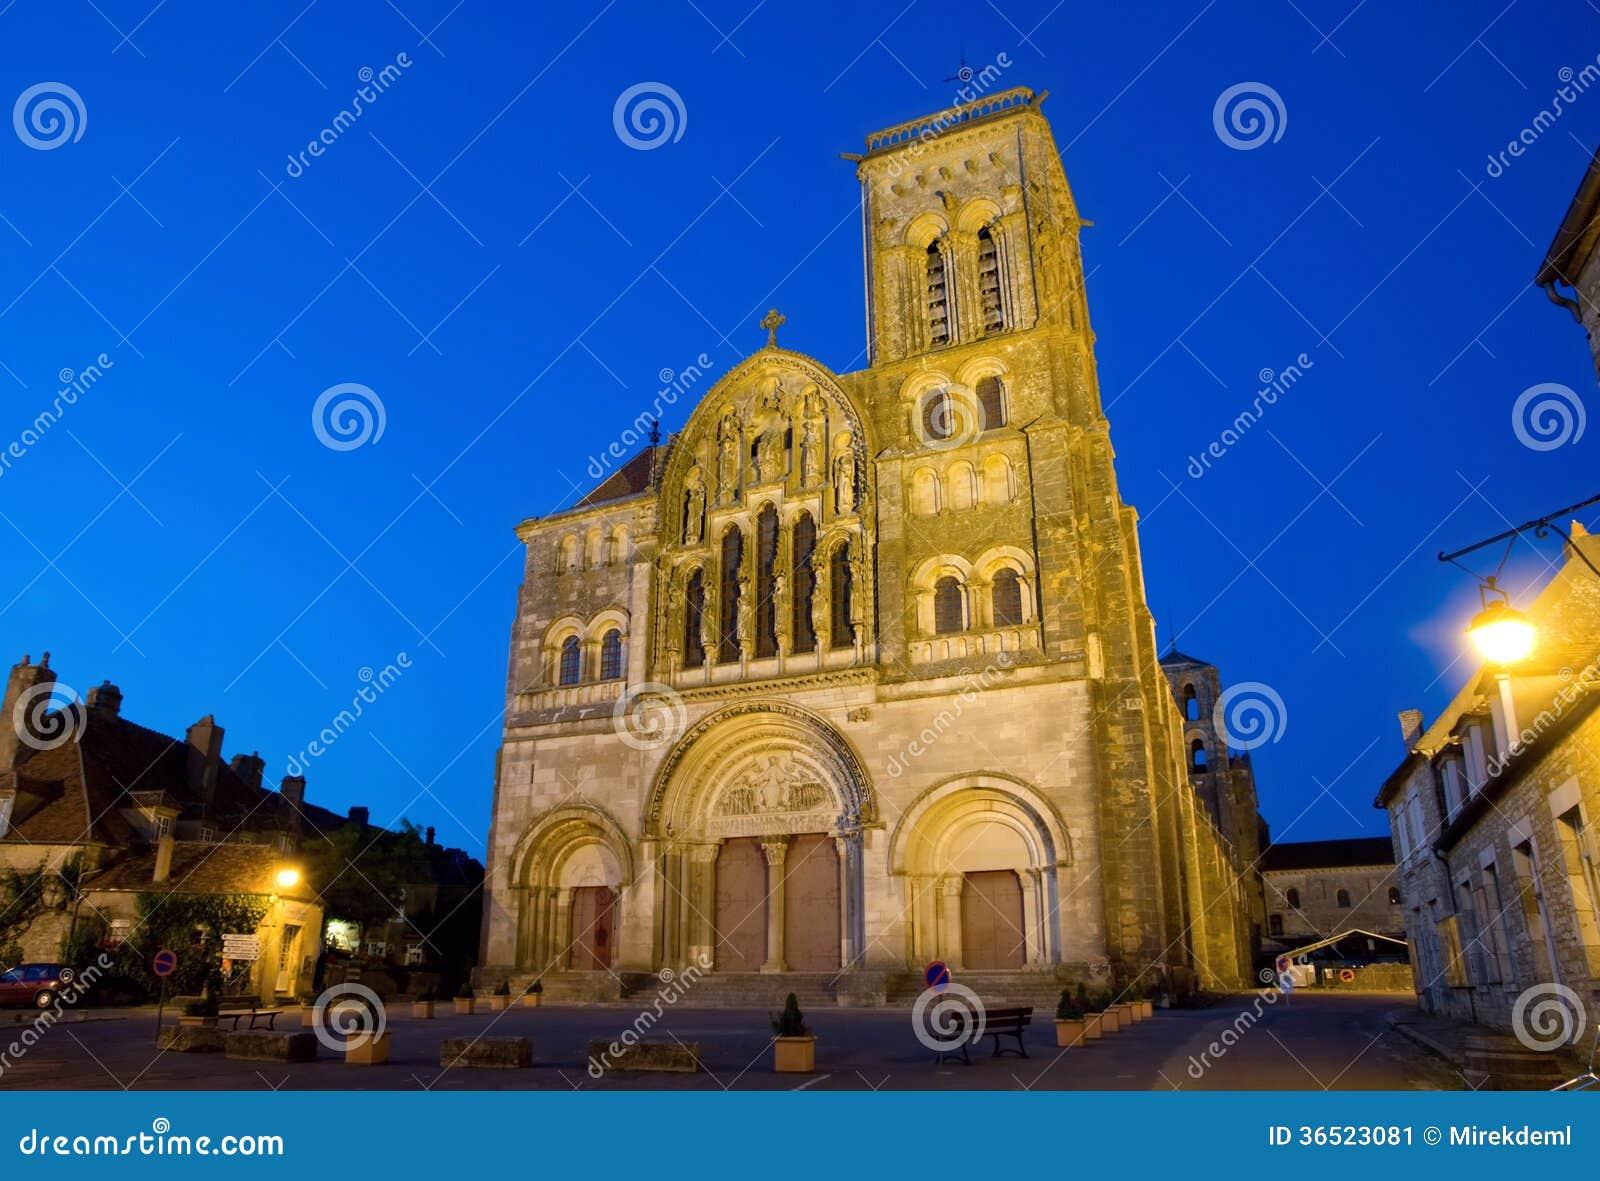 Vezelay, France